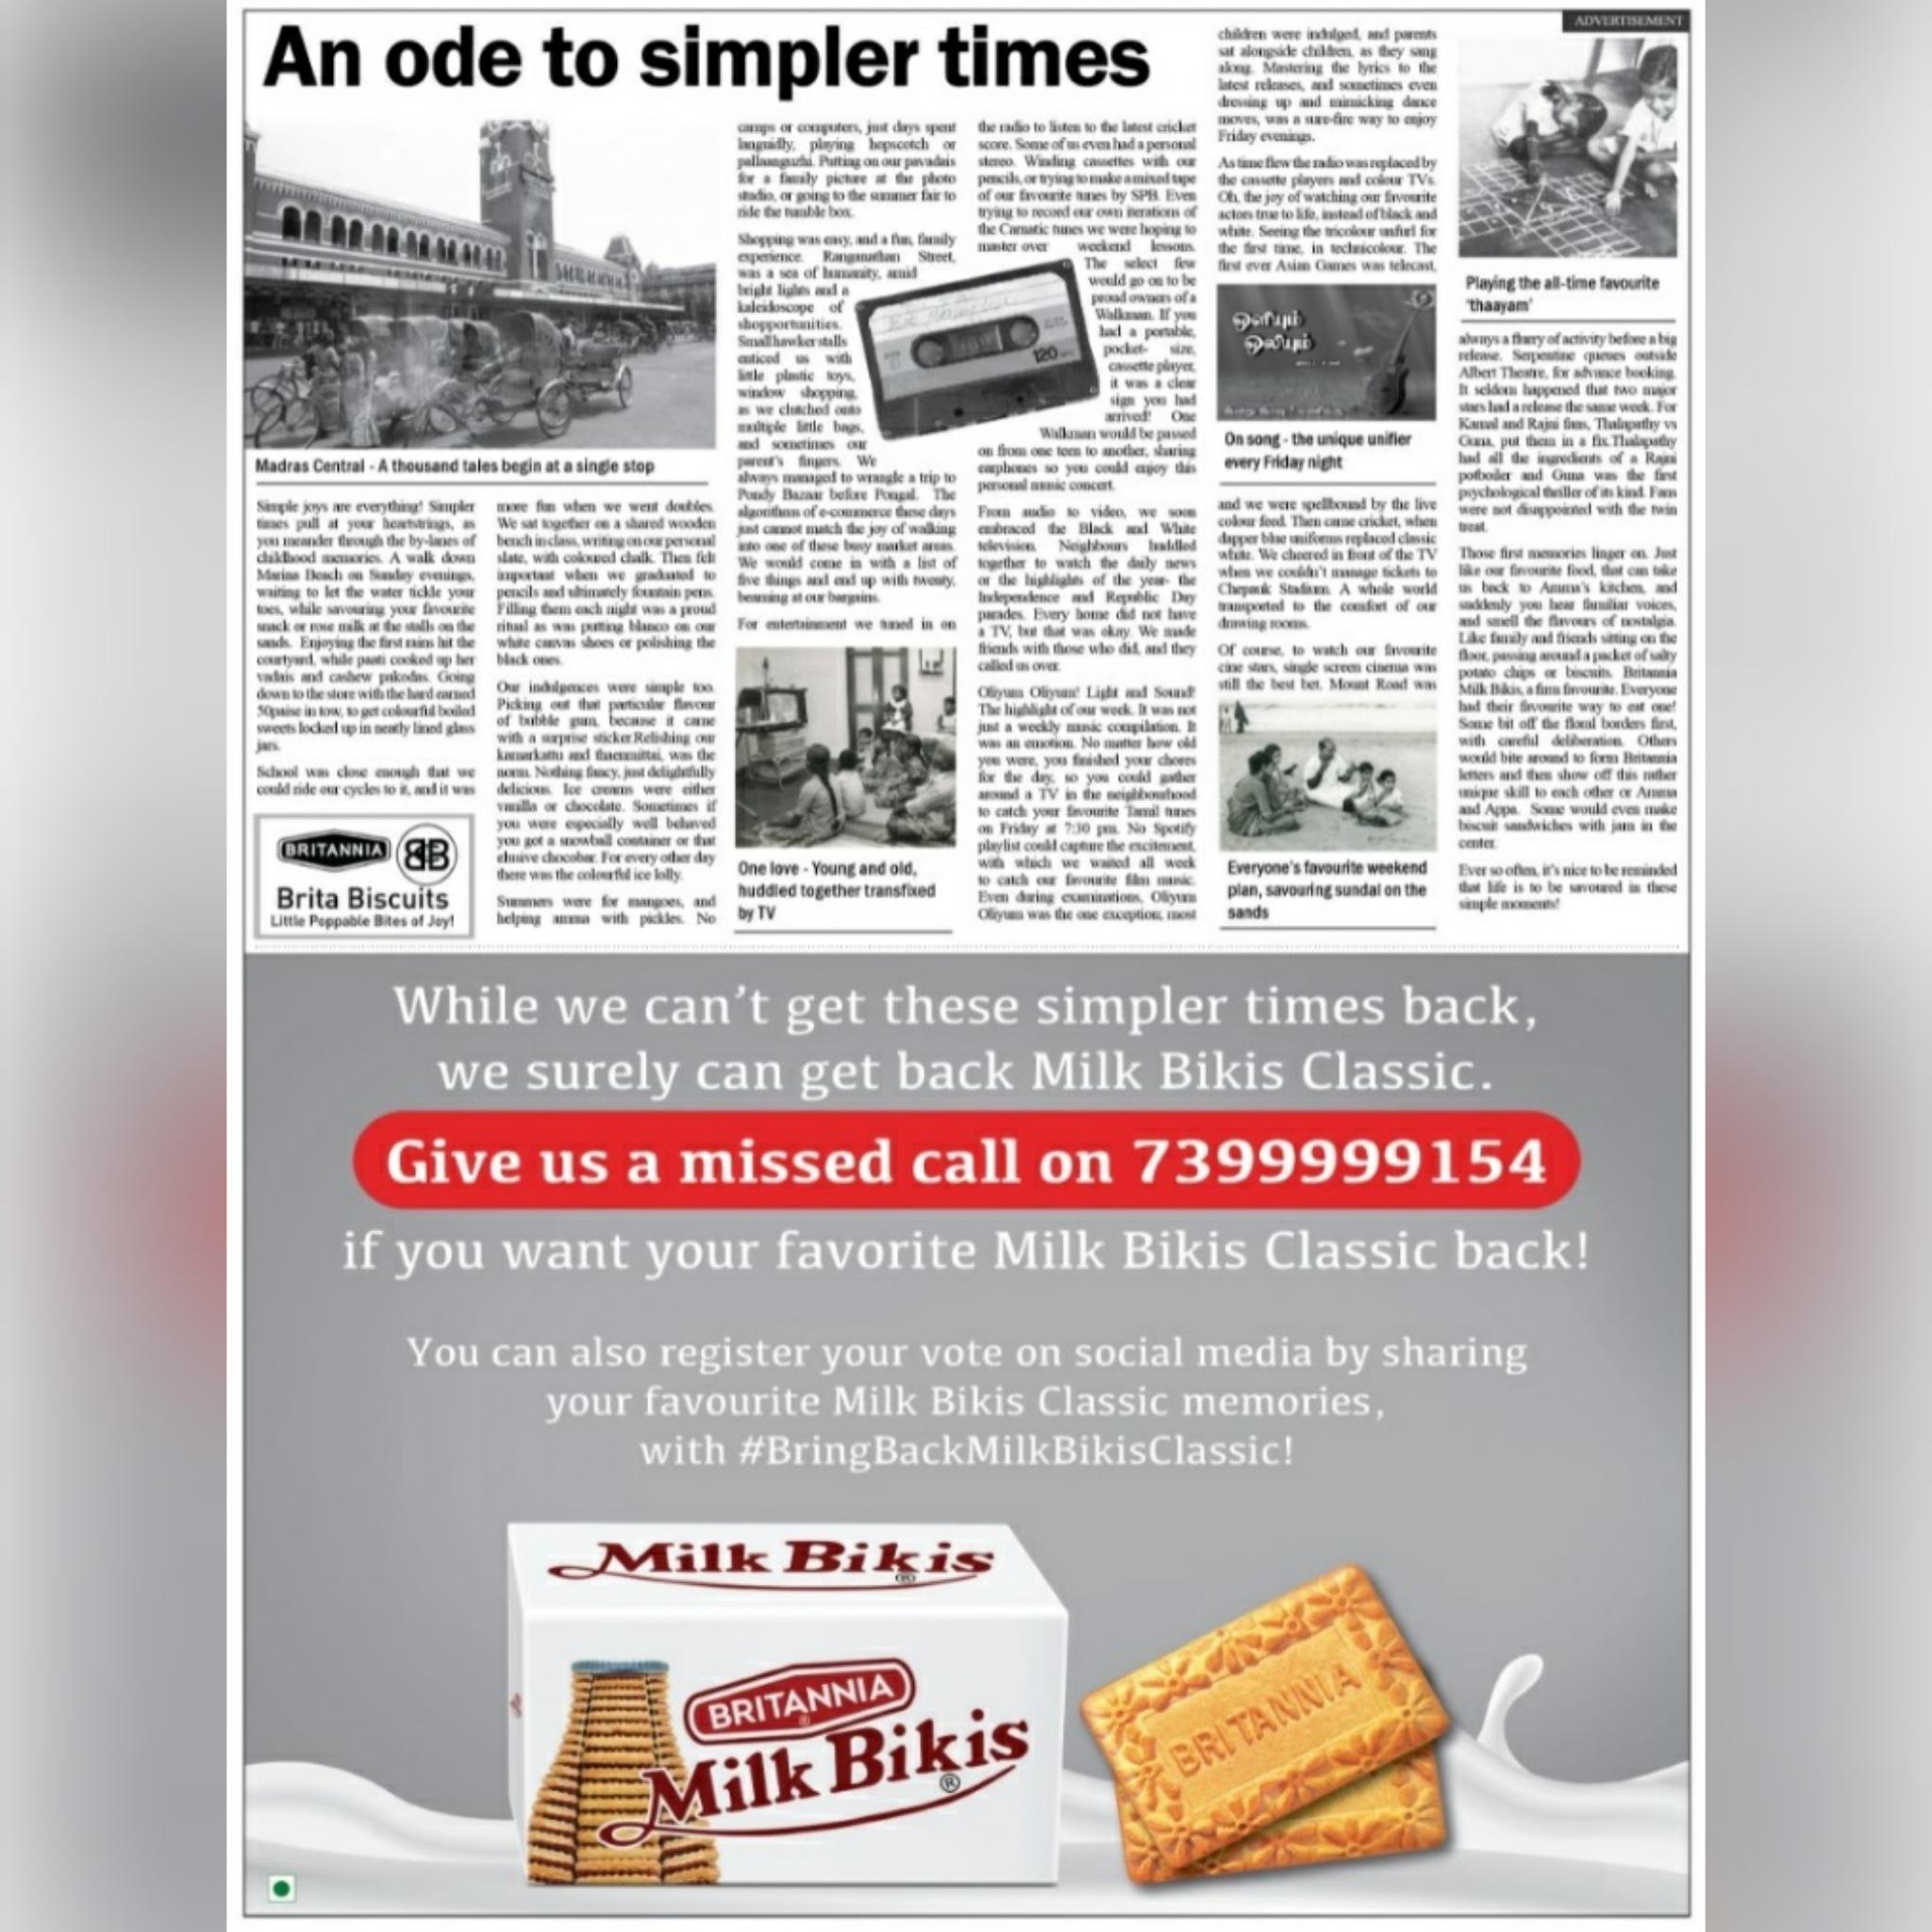 https://www.indiantelevision.com/sites/default/files/styles/smartcrop_800x800/public/images/tv-images/2021/07/30/photogrid_plus_1627648759344.jpg?itok=iEhPKX2W